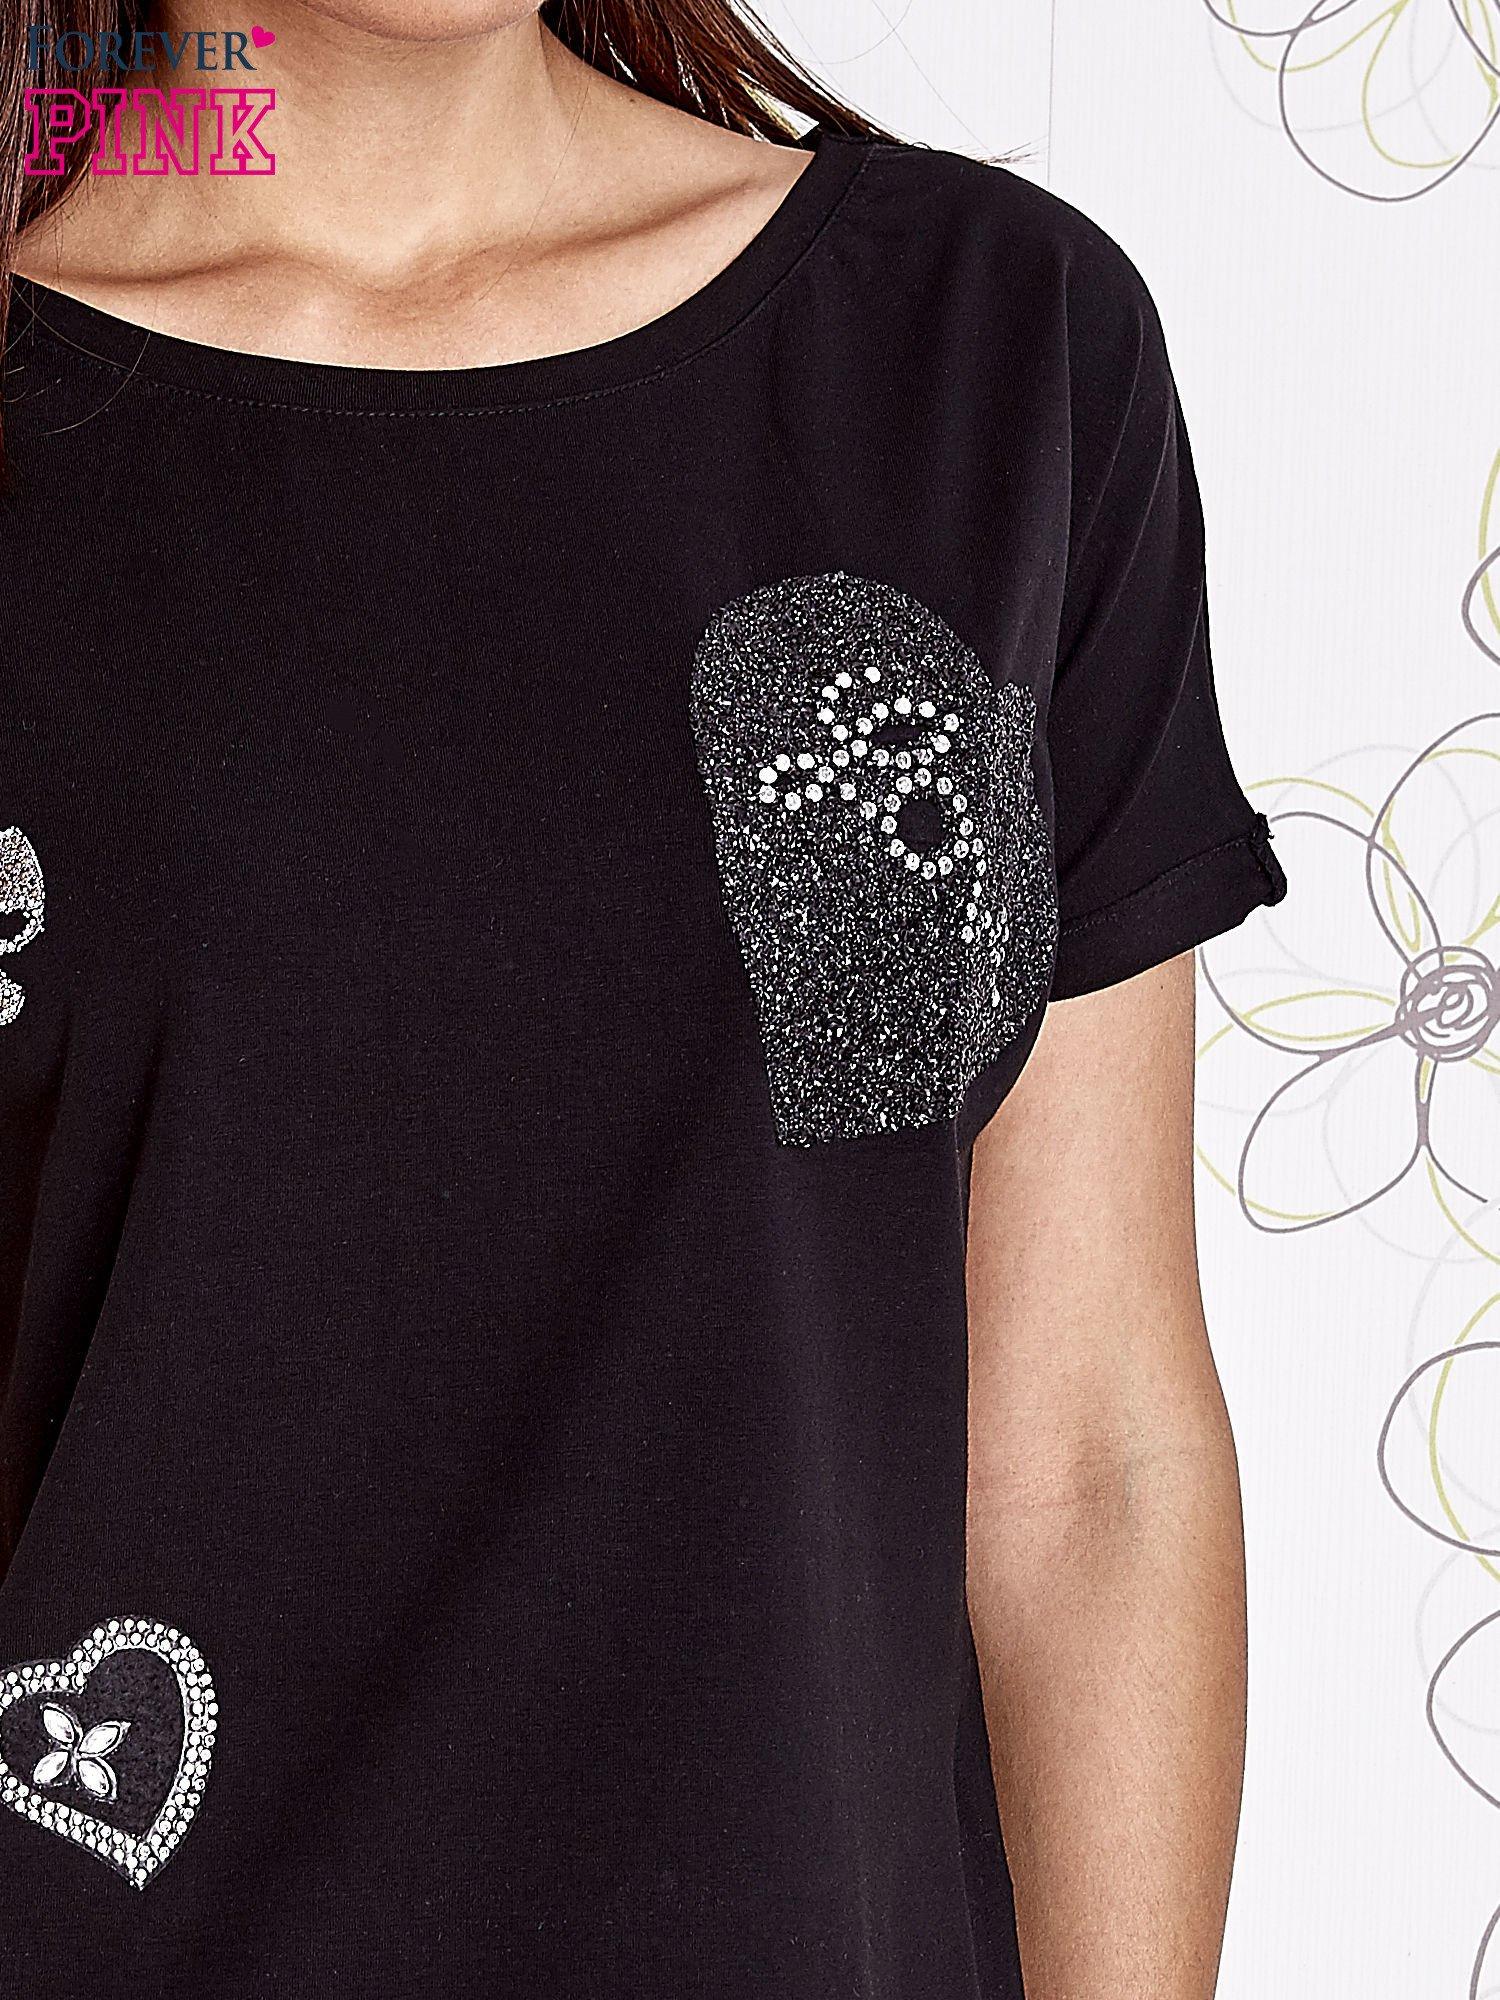 Czarny t-shirt z motywem serca i kokardki                                  zdj.                                  4